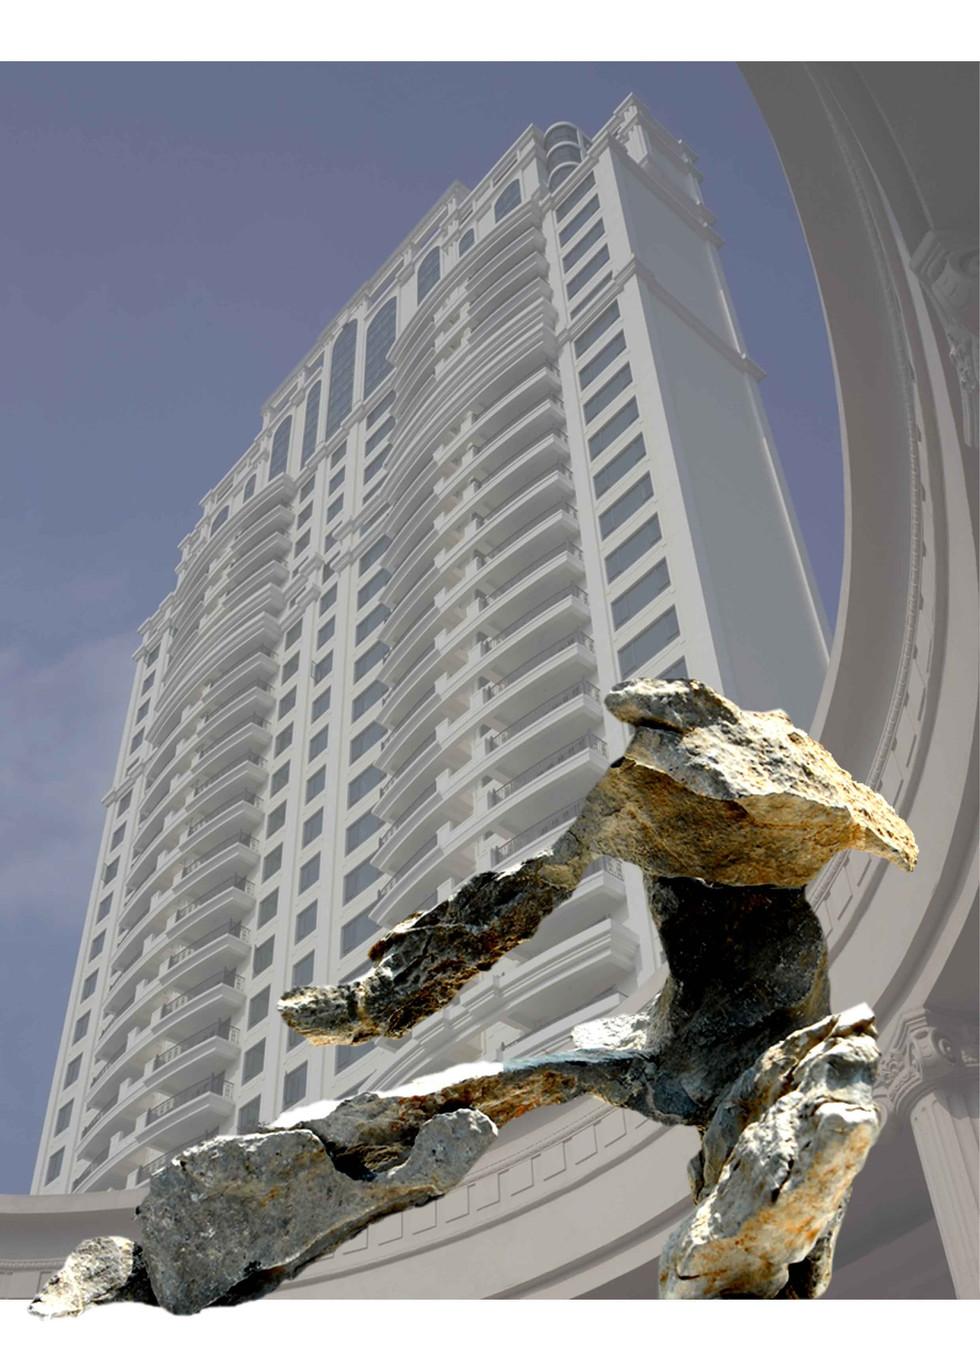 Helen's sculpture world3.JPG